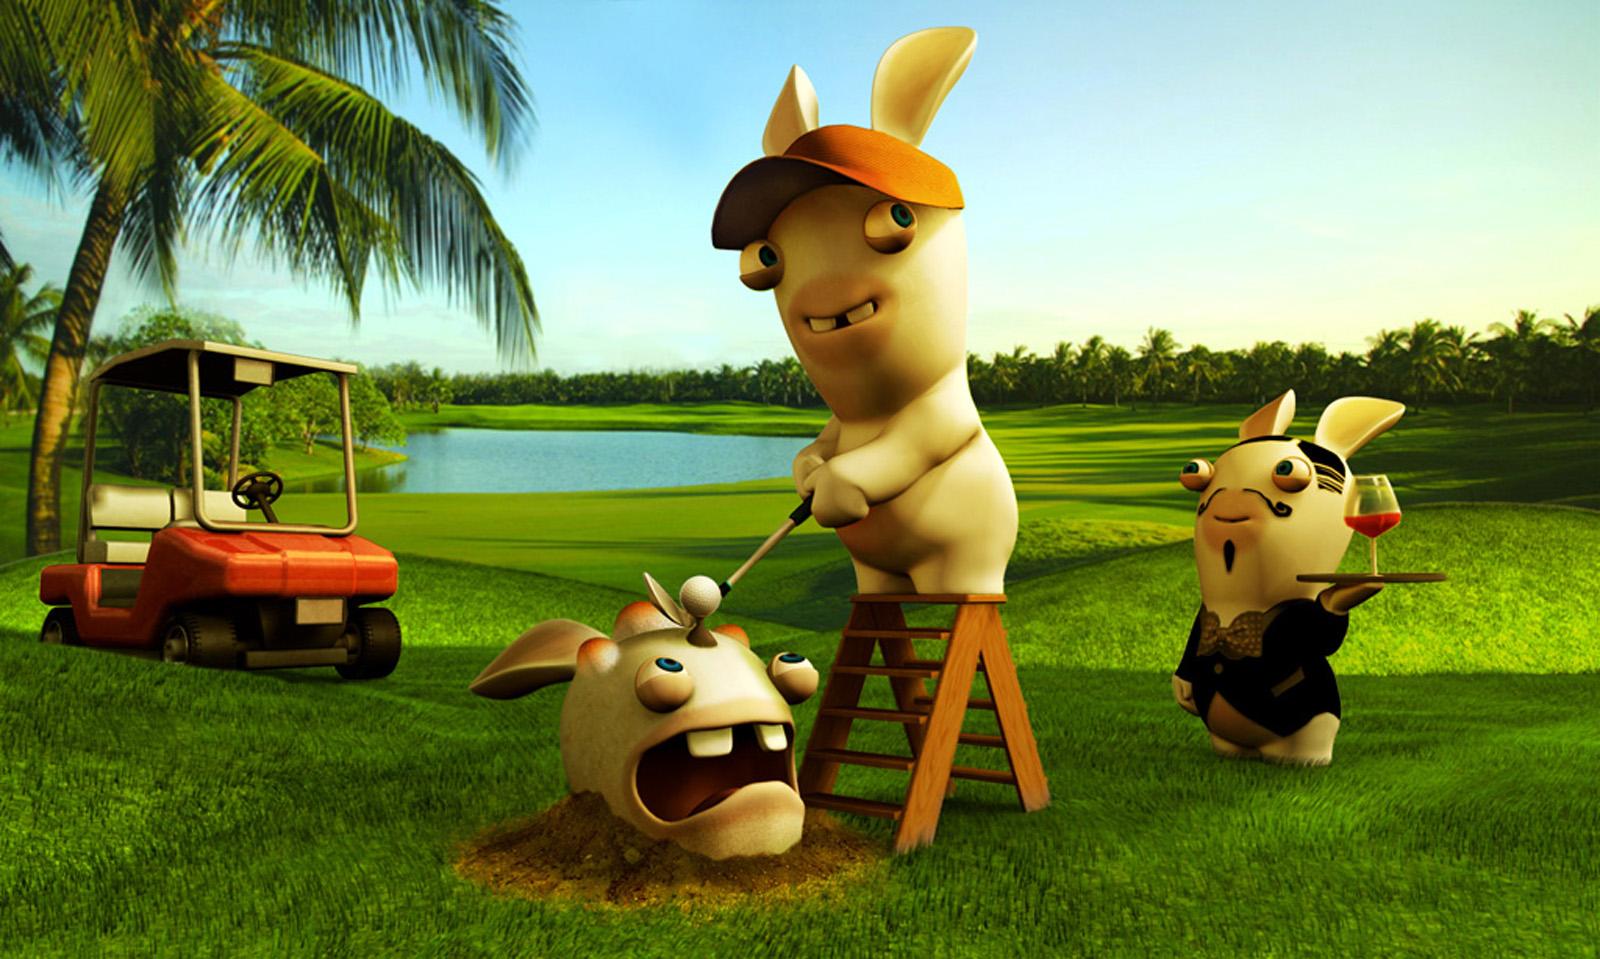 http://3.bp.blogspot.com/-z5AwJ2lBy1M/TnyXhgDkFQI/AAAAAAAABTQ/_9DGLtl03Oc/s1600/Rayman_Raving_Rabbids_Golf_Funny_Desktop_Wallpapers_Vvallpaper.net.jpg